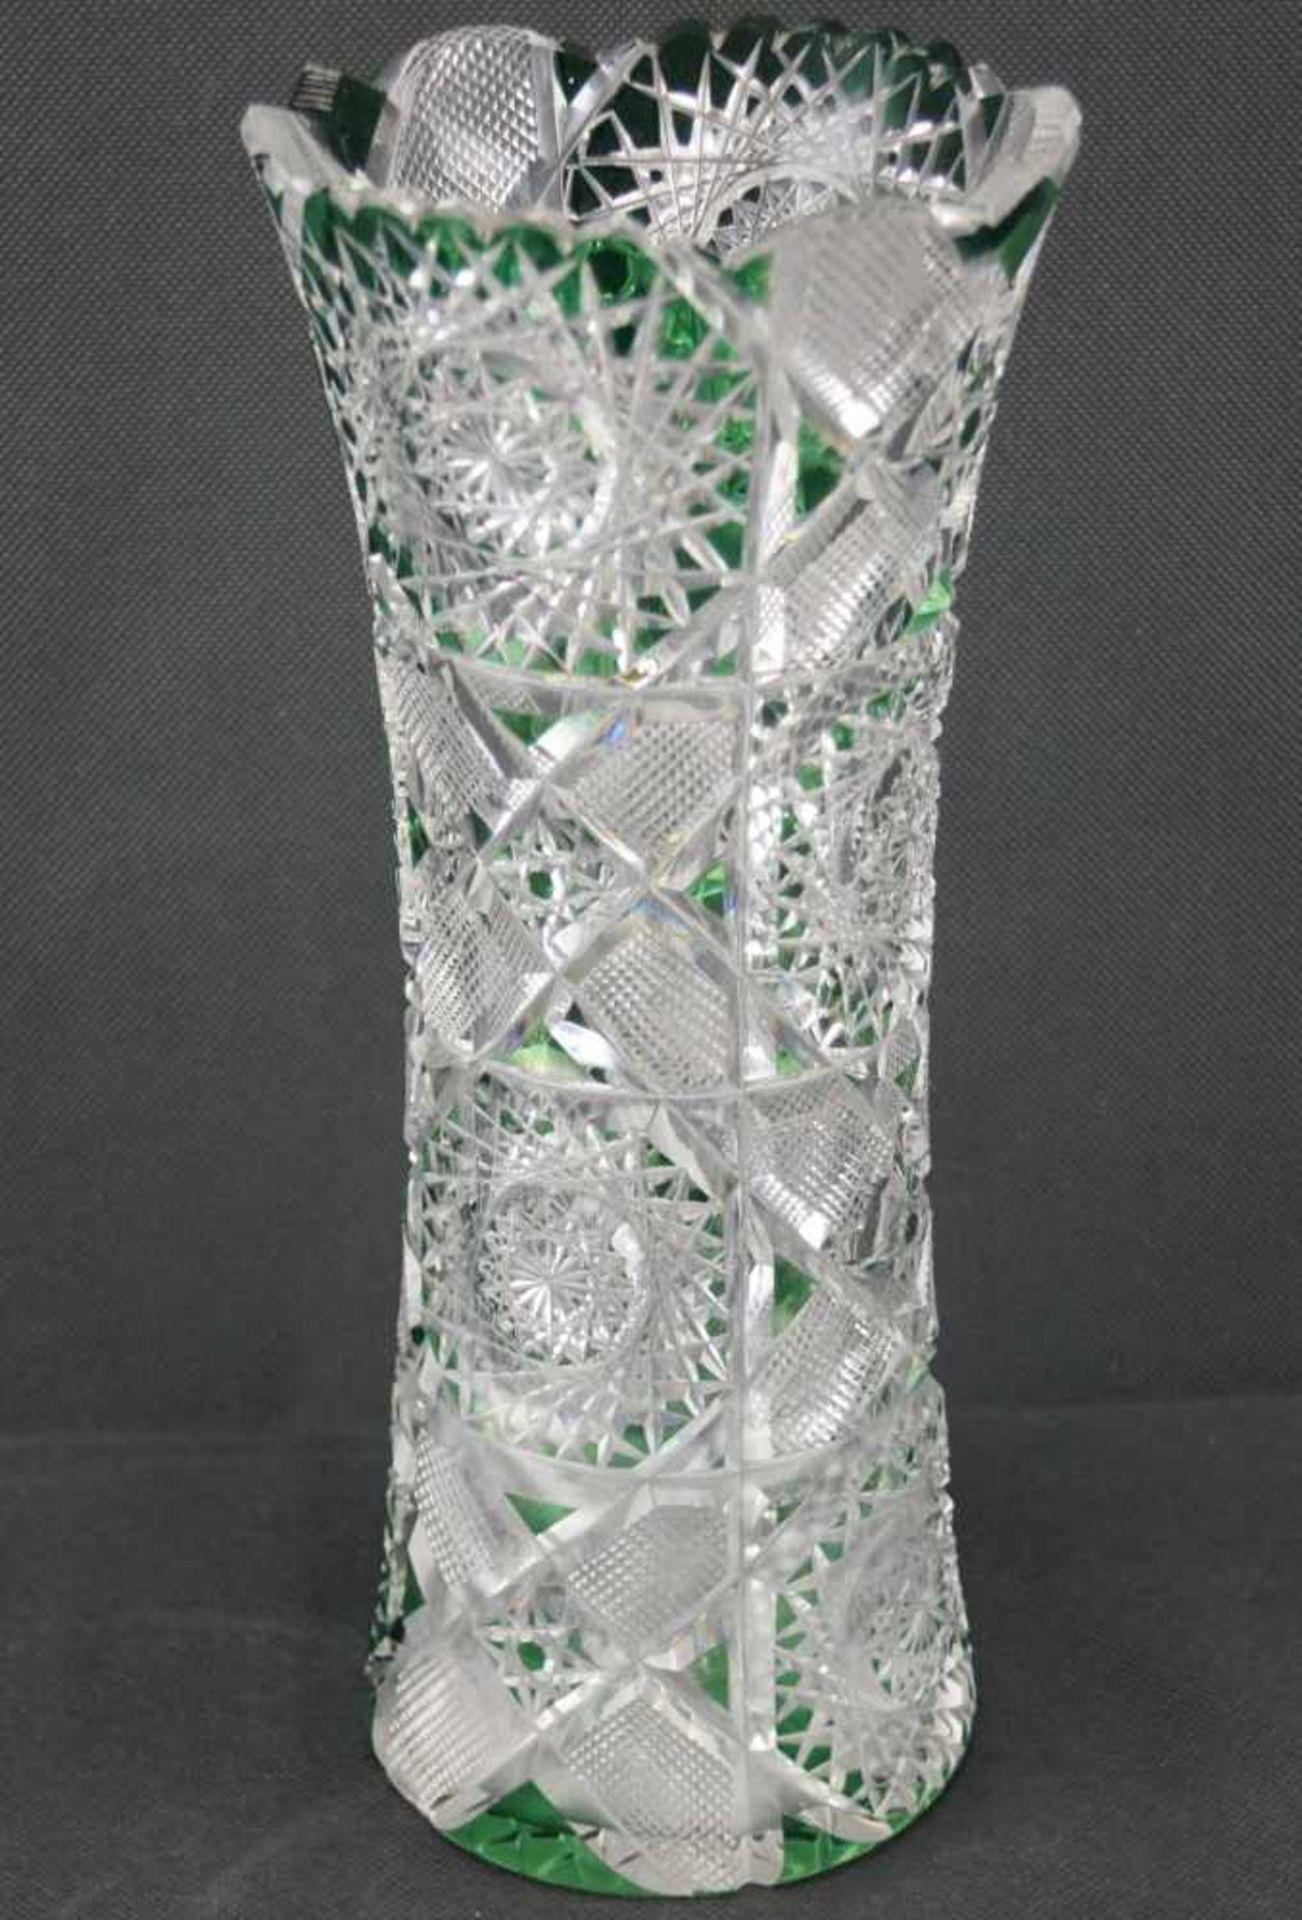 Vase aus Bleikristallglas grüngefärbte Flächen, Höhe 30,5 cm, einige Bestoßungen sind vorhanden